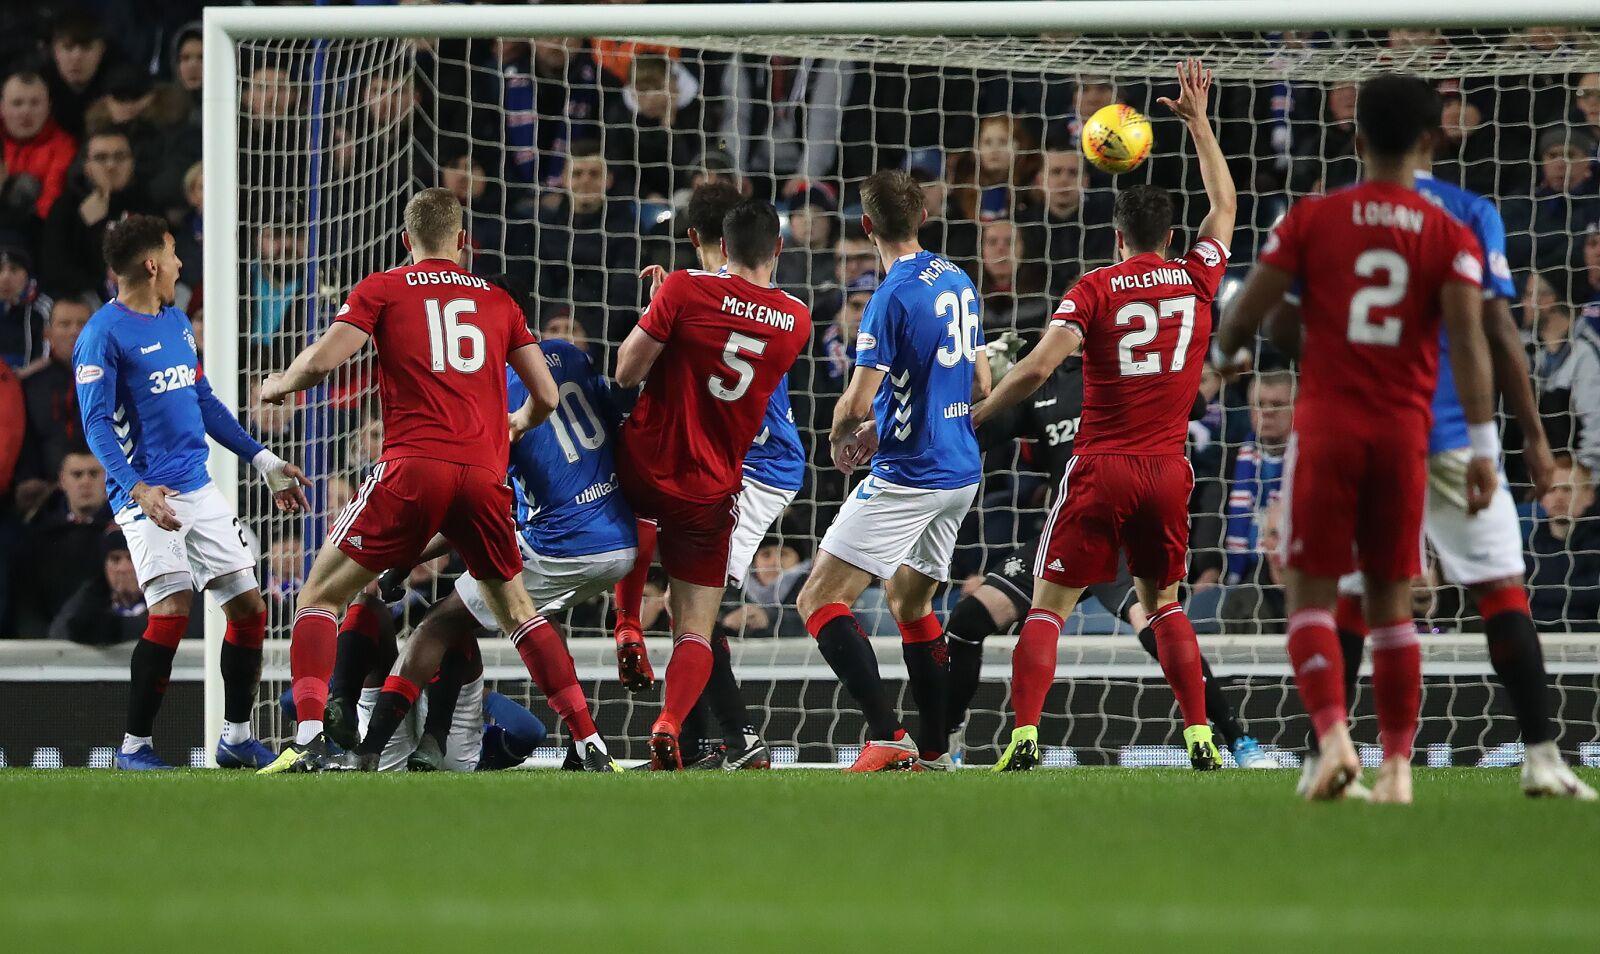 Rangers Win Wild Match Over Aberdeen 4-2